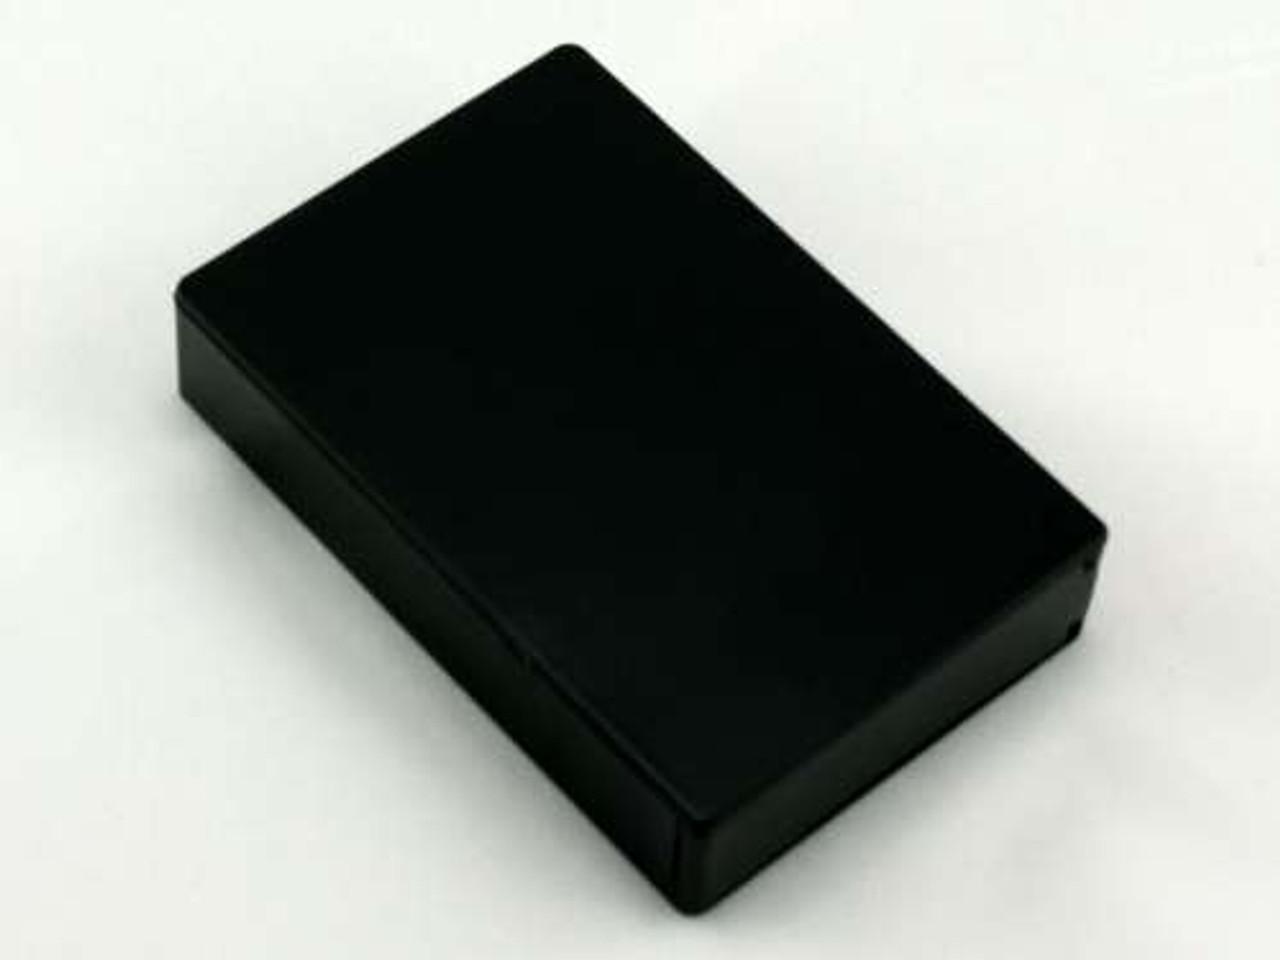 Black Plastic Auto Dispensing Cigarette Case